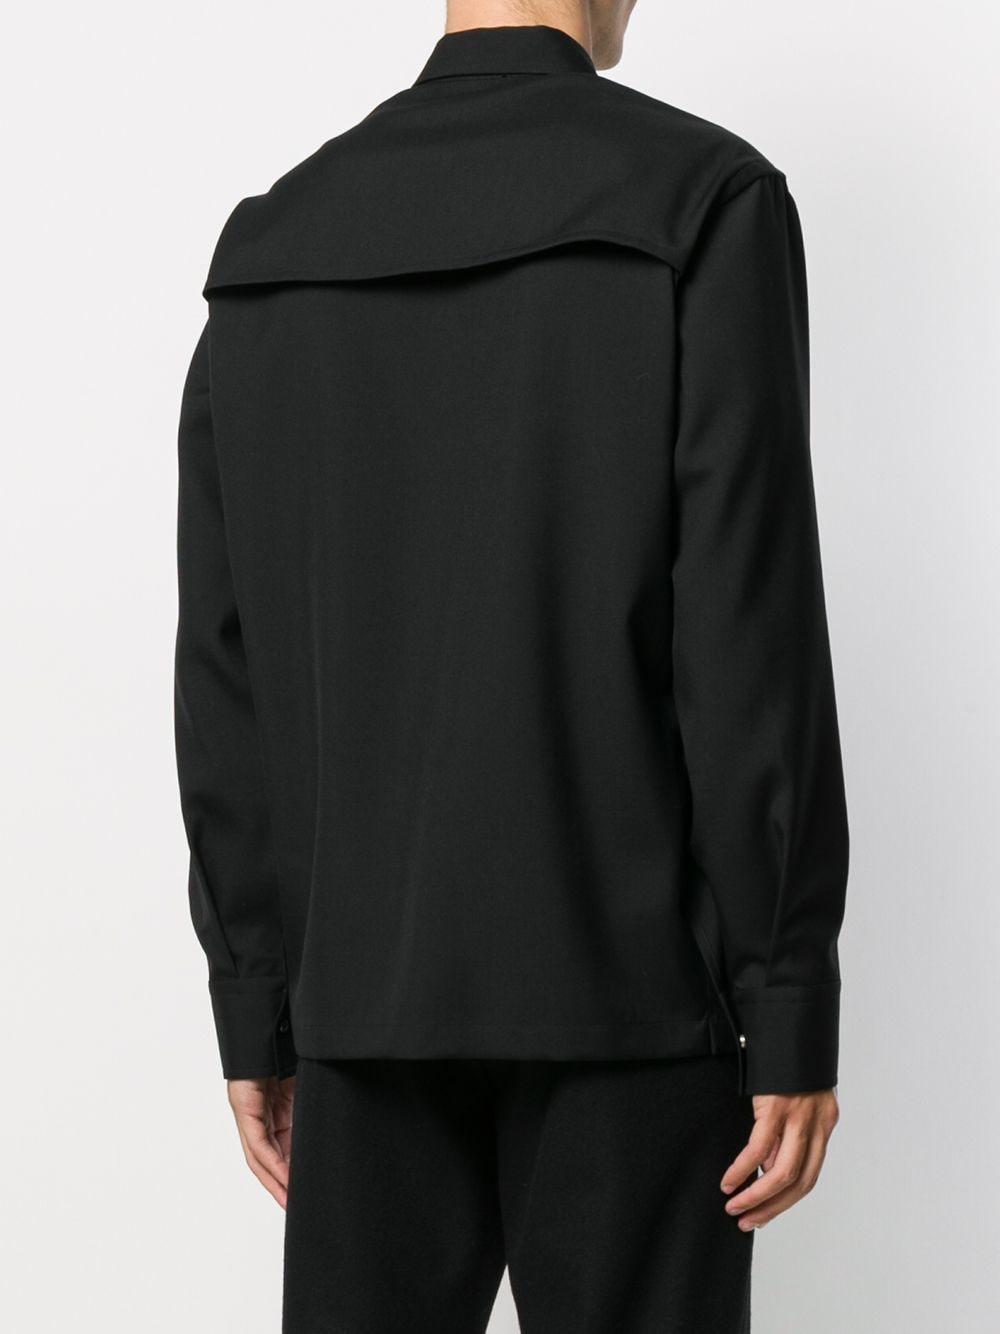 Jil Sander Wol Overhemd Met Riem in het Zwart voor heren